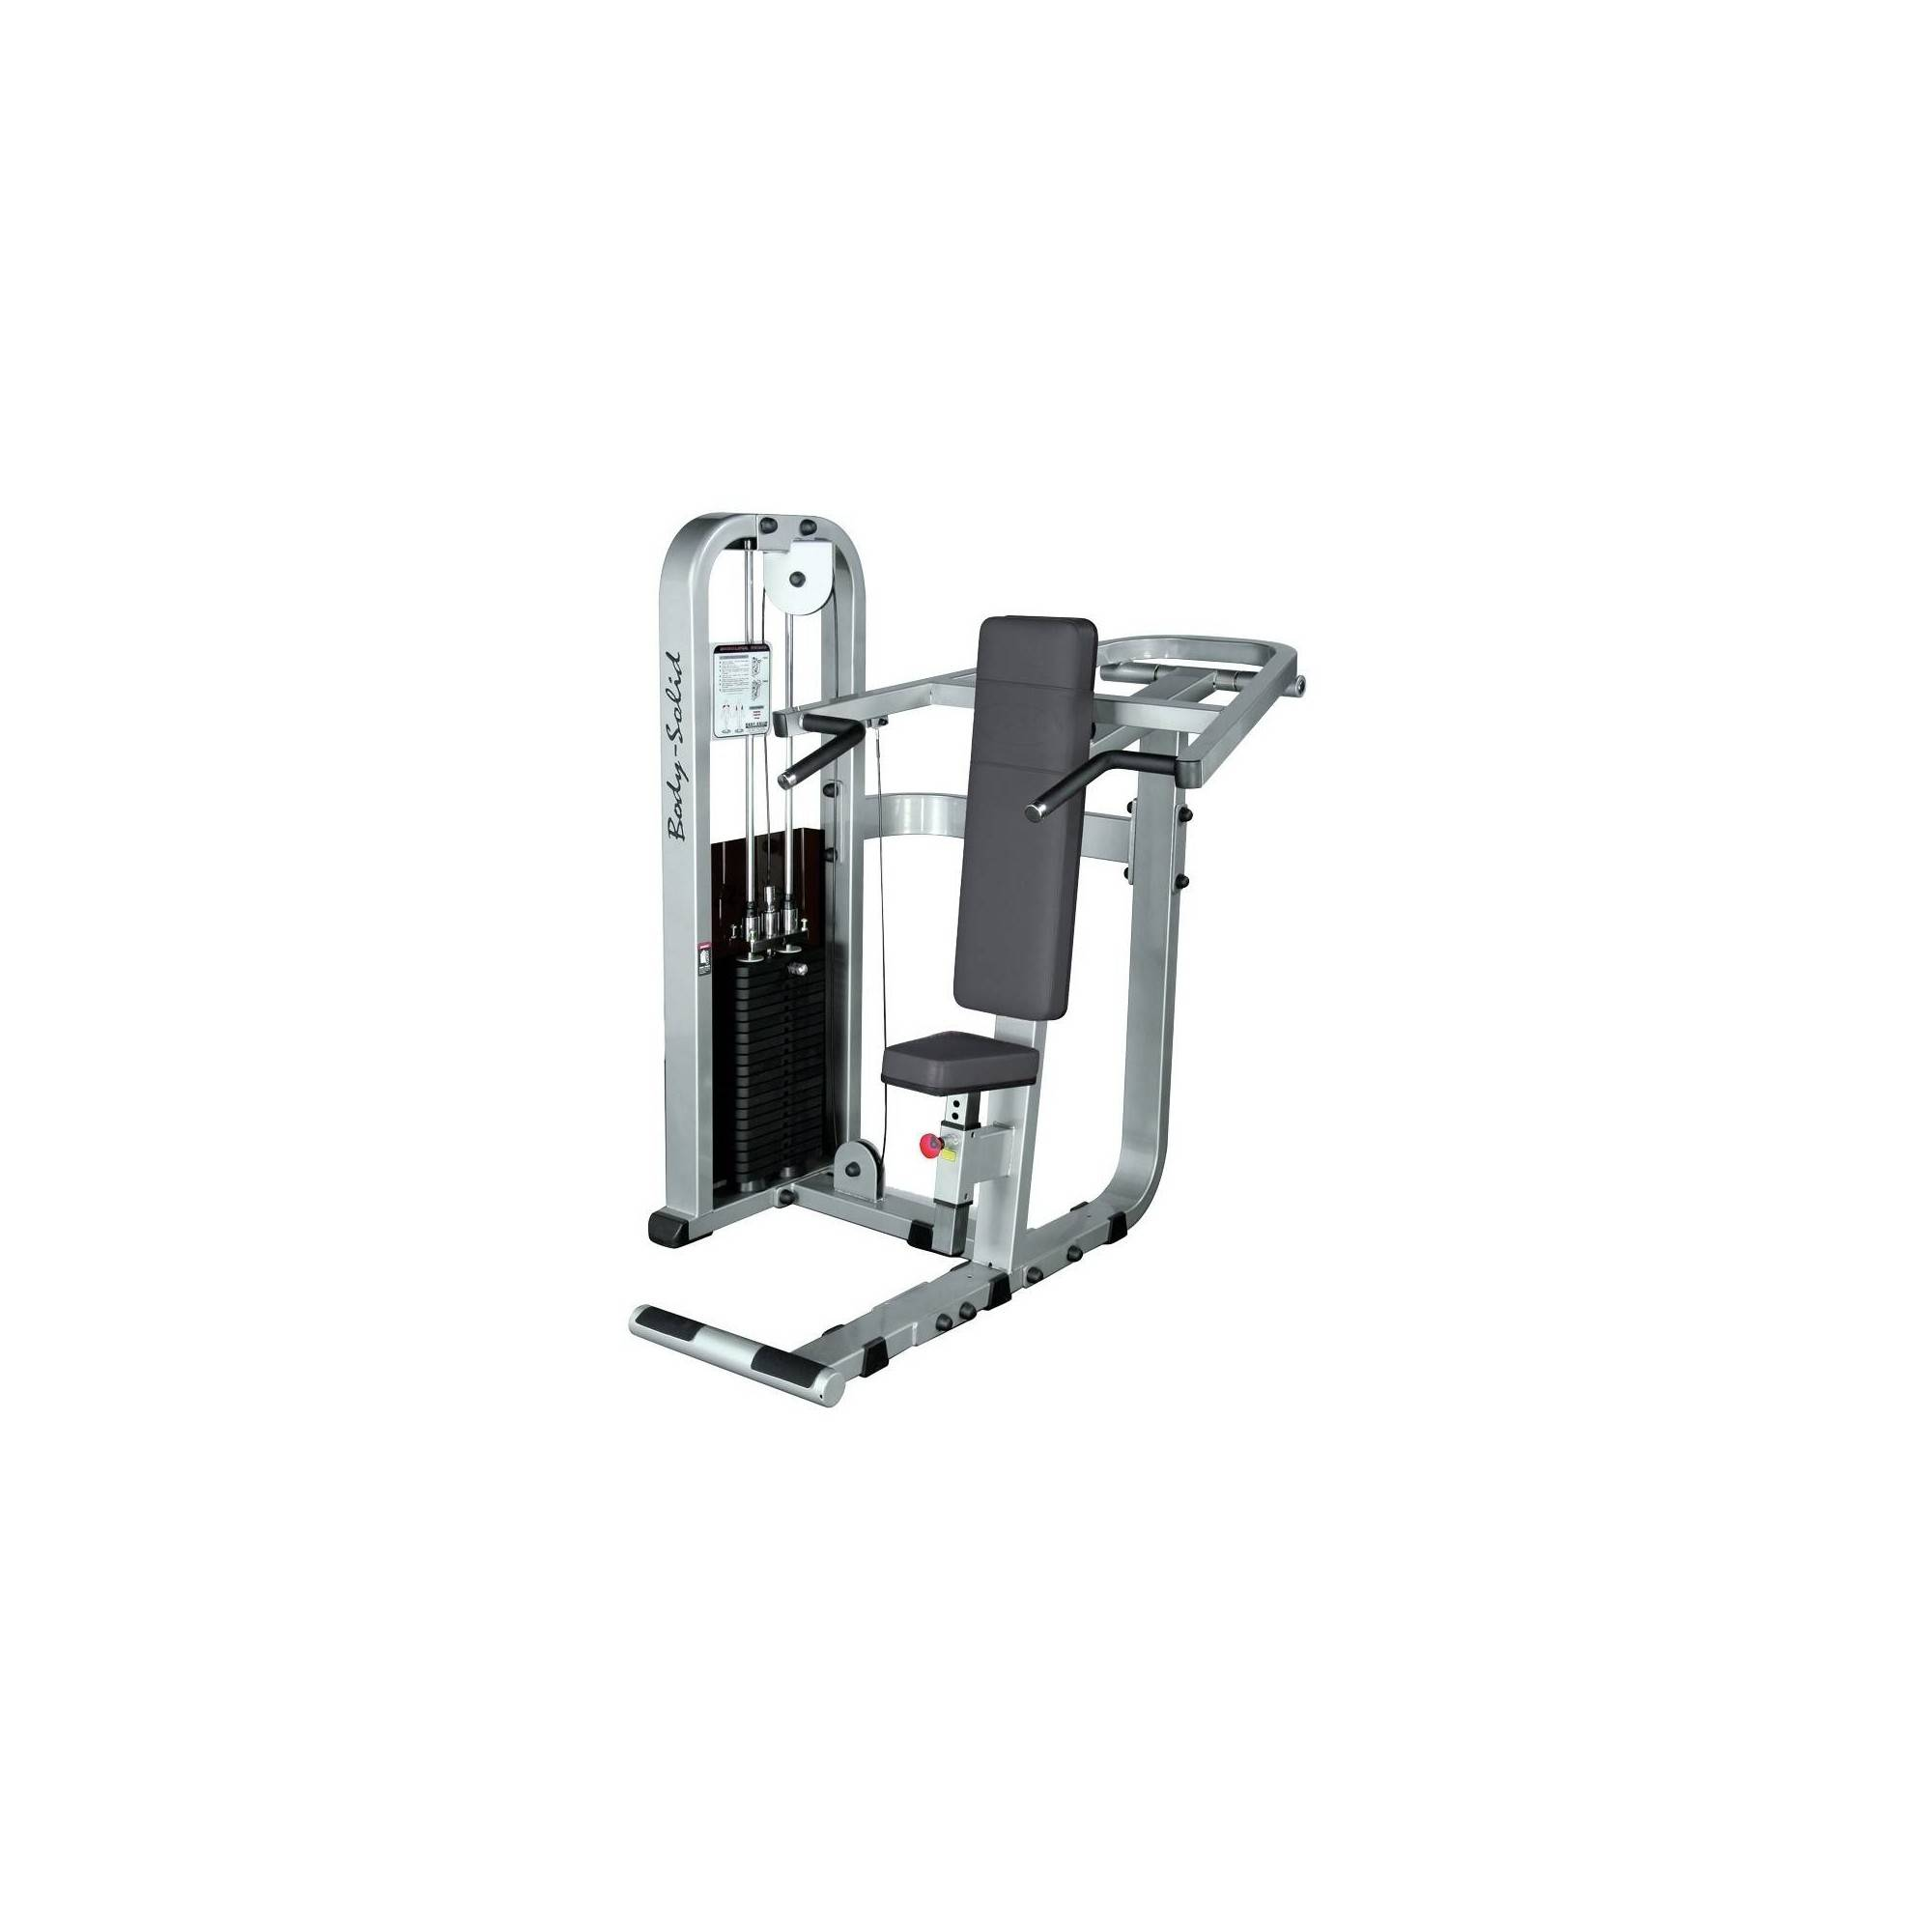 Maszyna na mięśnie barków BODY-SOLID SSP-800G/2 wyciskanie siedząc,producent: BODY-SOLID, photo: 1